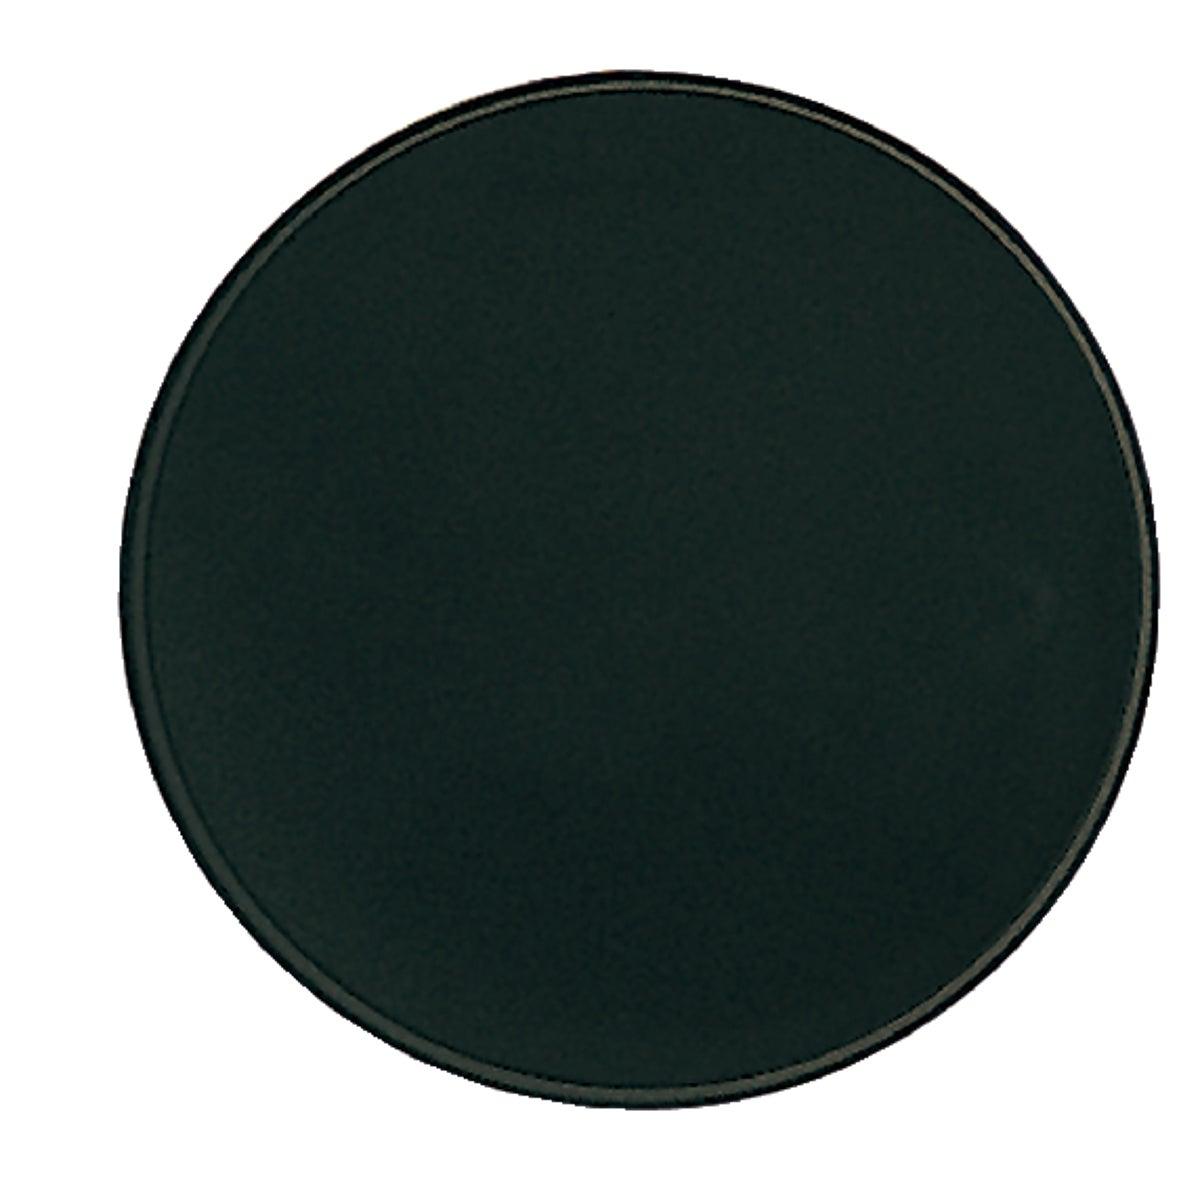 BLACK BURNER KOVER - 505 by Range Kleen Mfg Inc